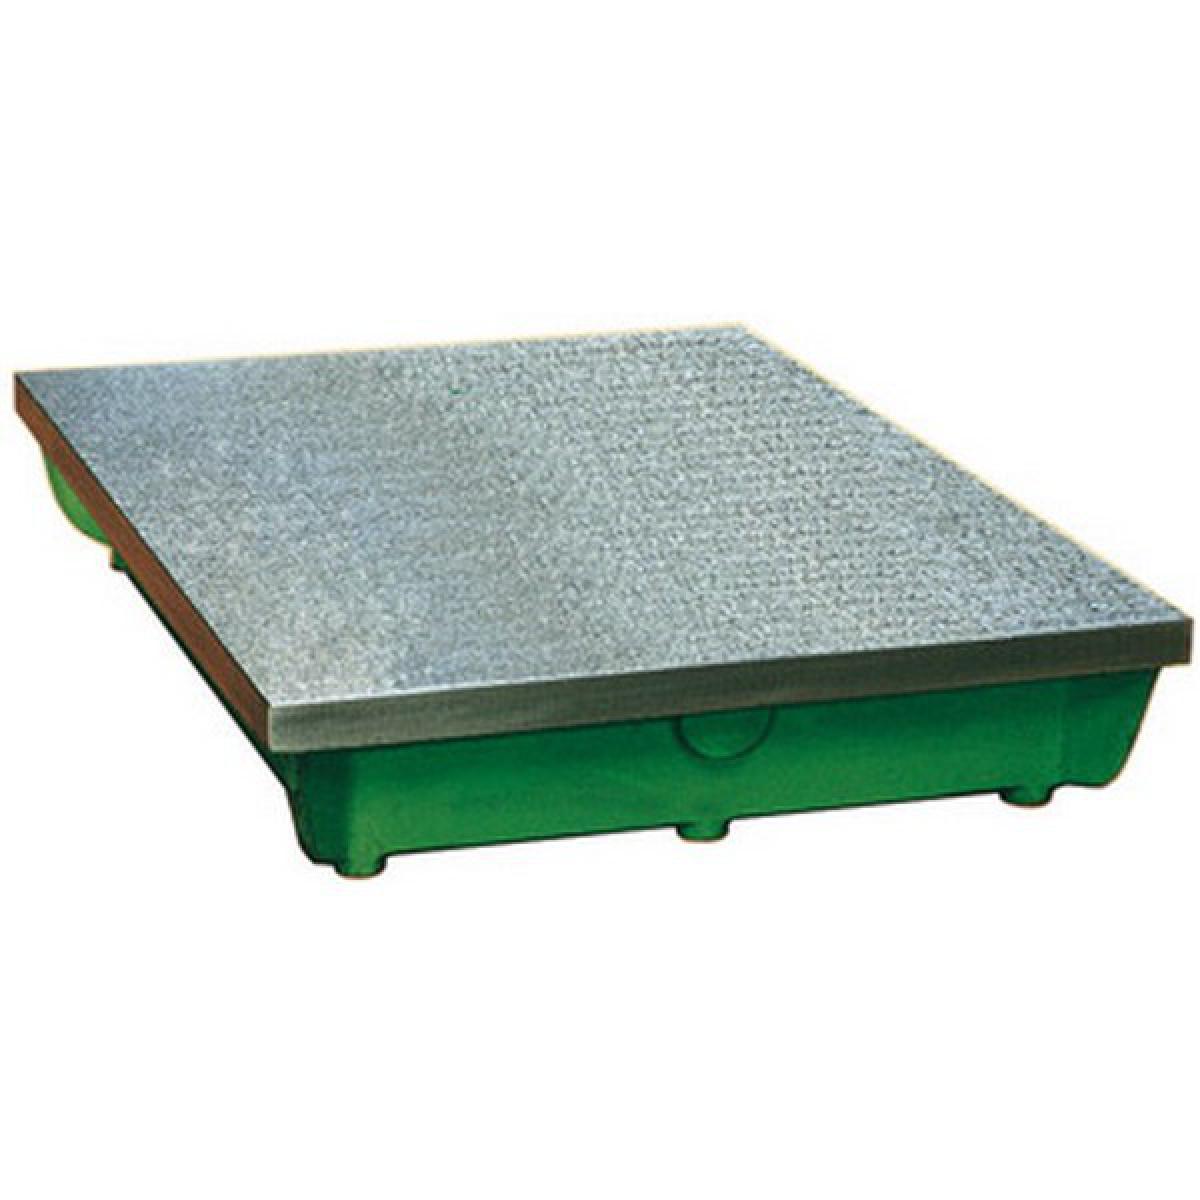 Protec Plaque à tracer et à dresser, qualité 1, Taille : 400 x 400 mm, Précision µm qualité 1 14, Poids env. 35 kg